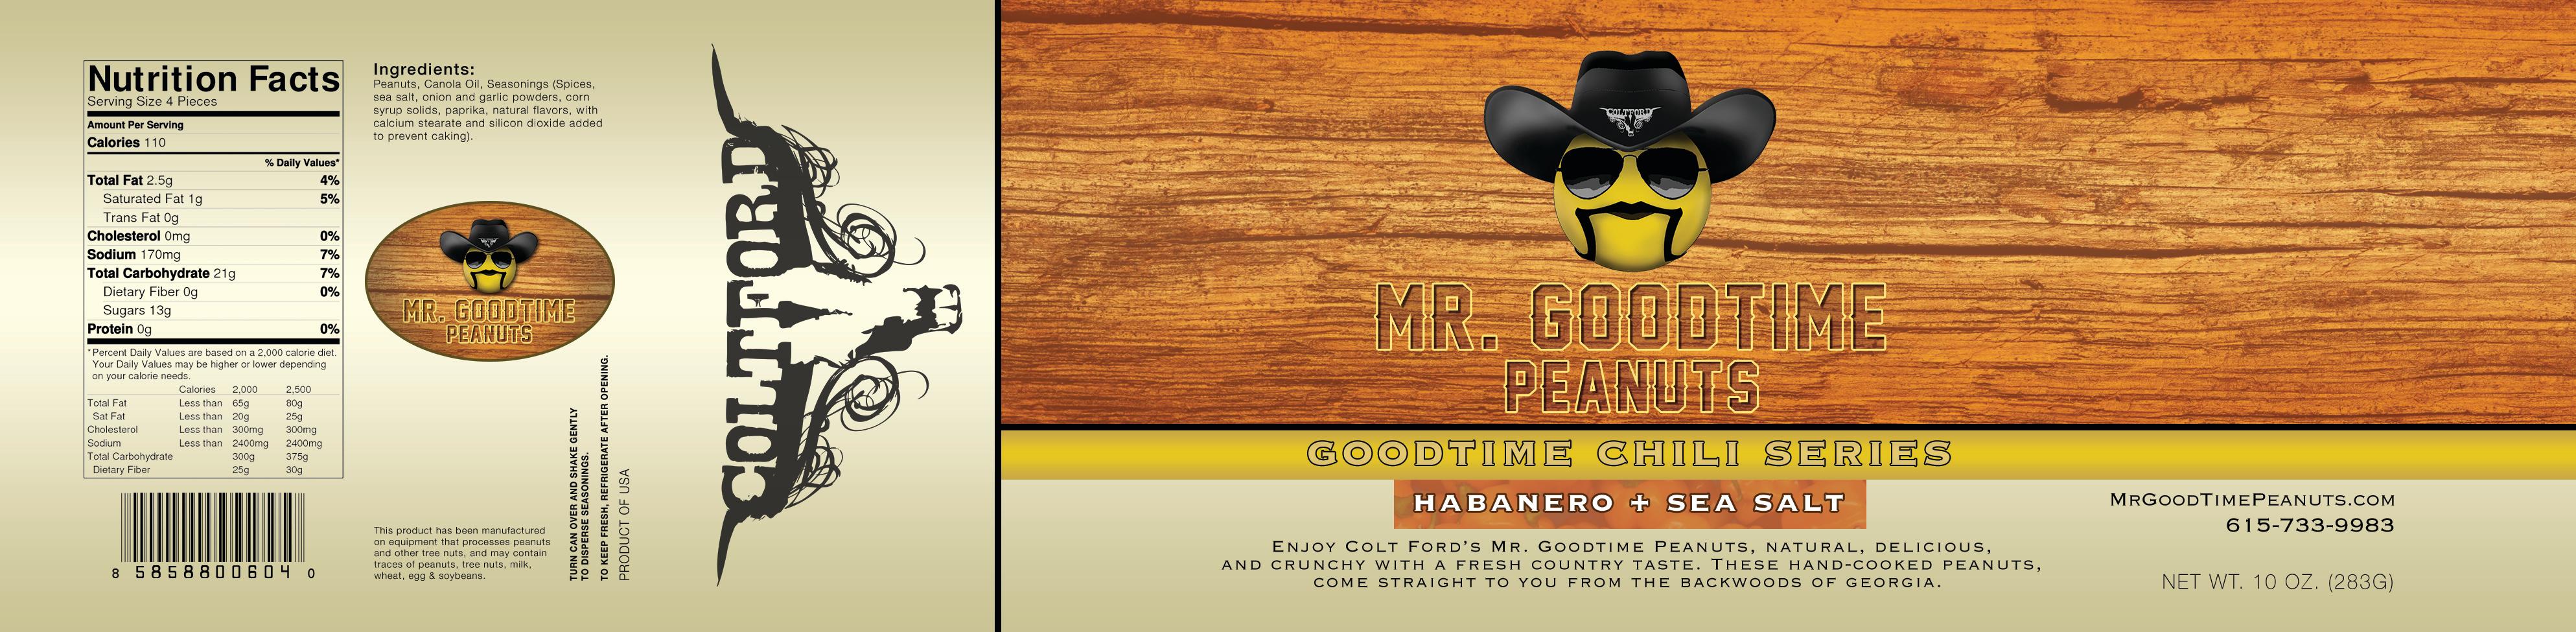 Mr. Gootime Peanuts Habanero and sea salt